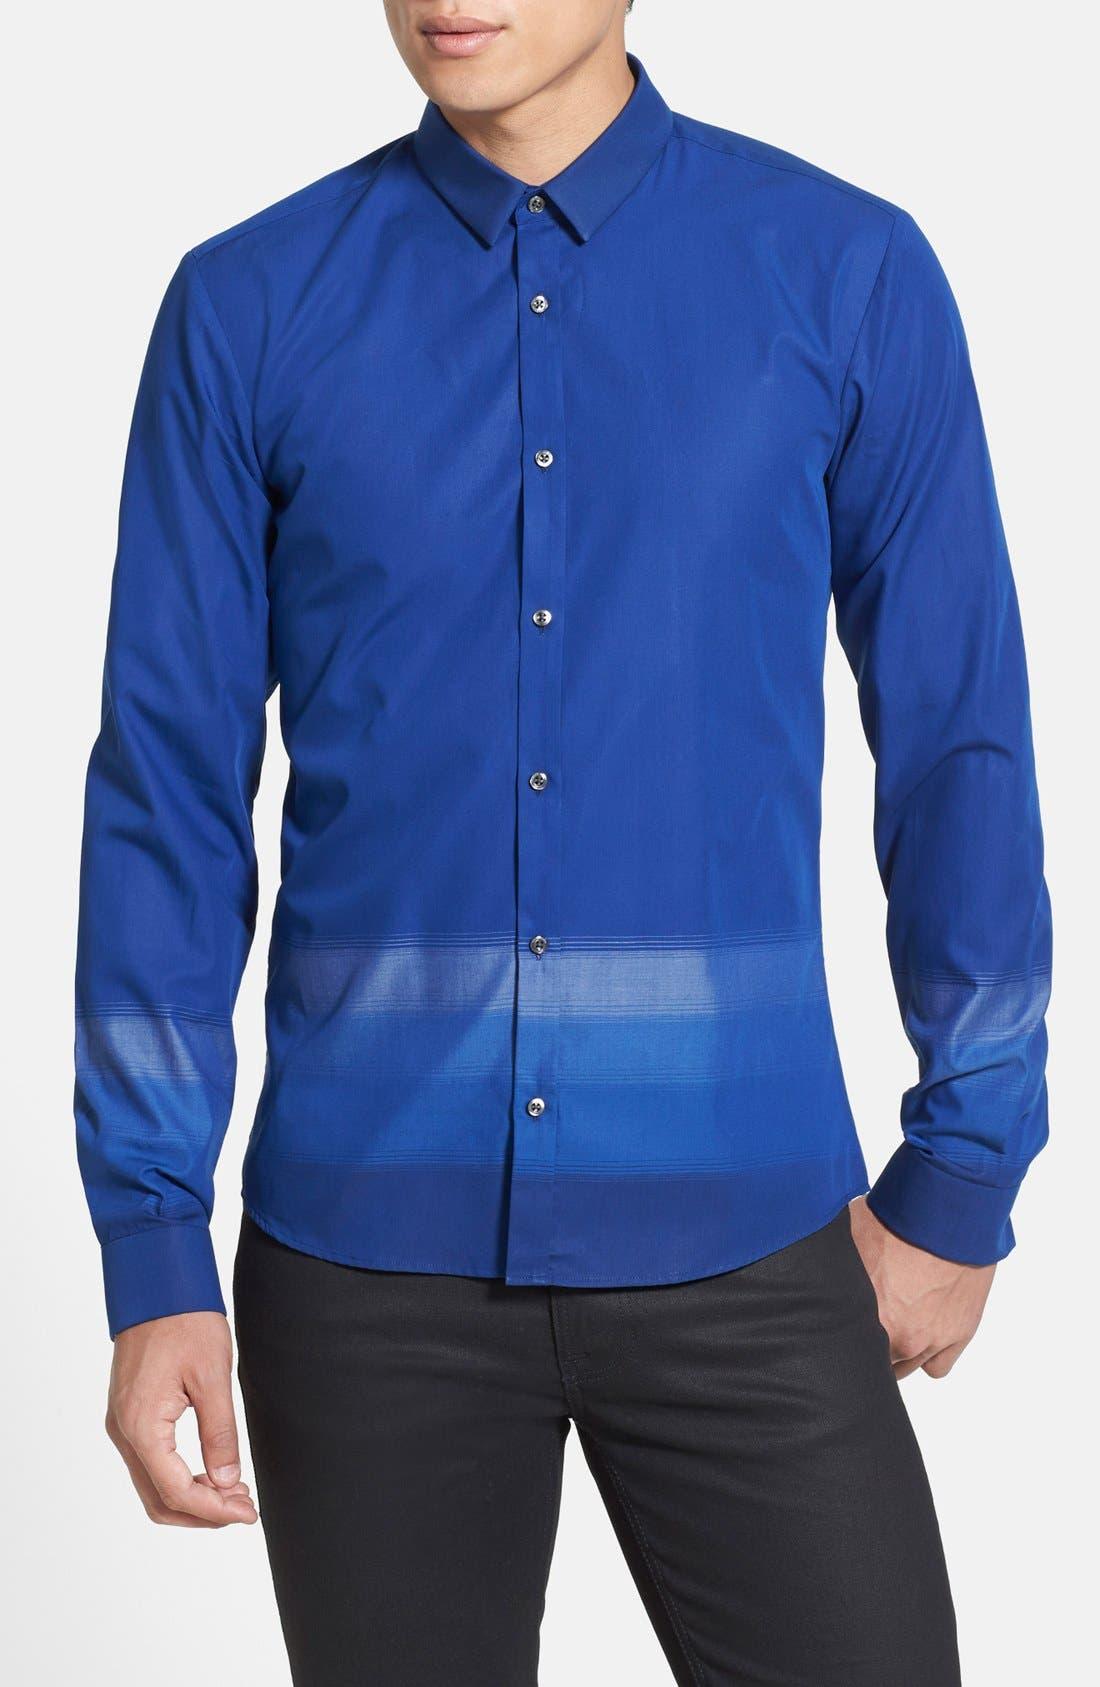 Main Image - HUGO 'Ero' Extra Trim Fit Ombré Stripe Sport Shirt